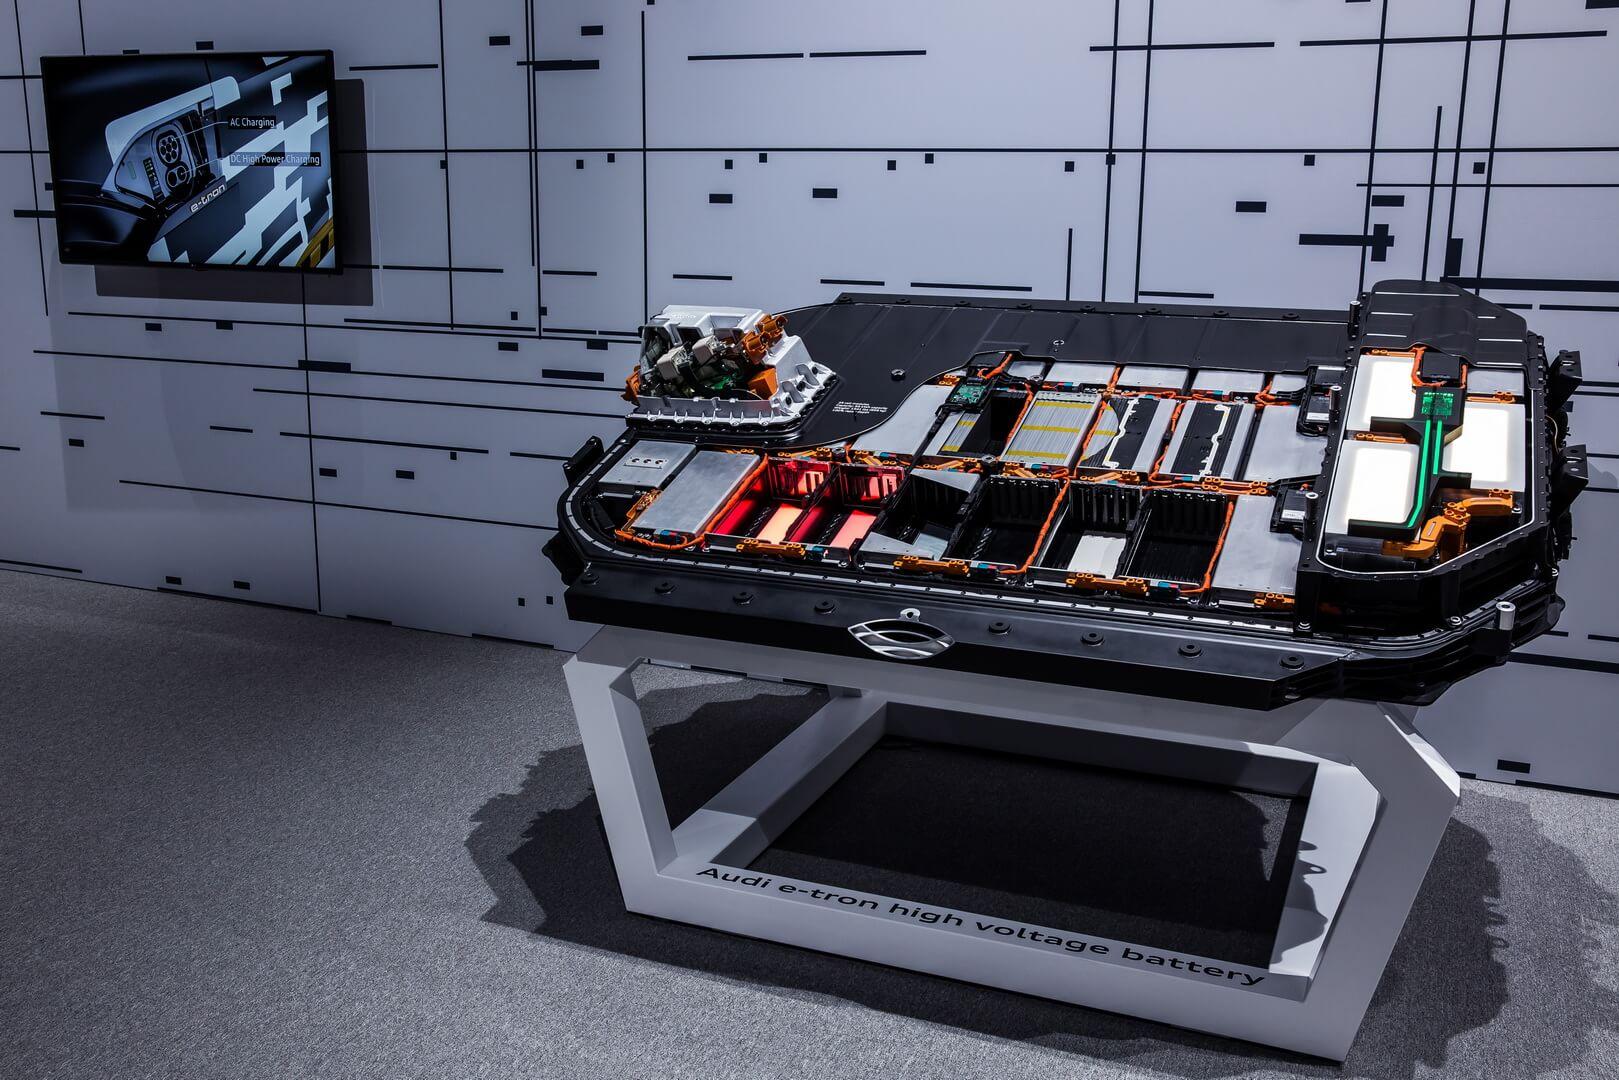 Литий-ионная батарея Audi e-tron quattro емкостью 95 кВт⋅ч